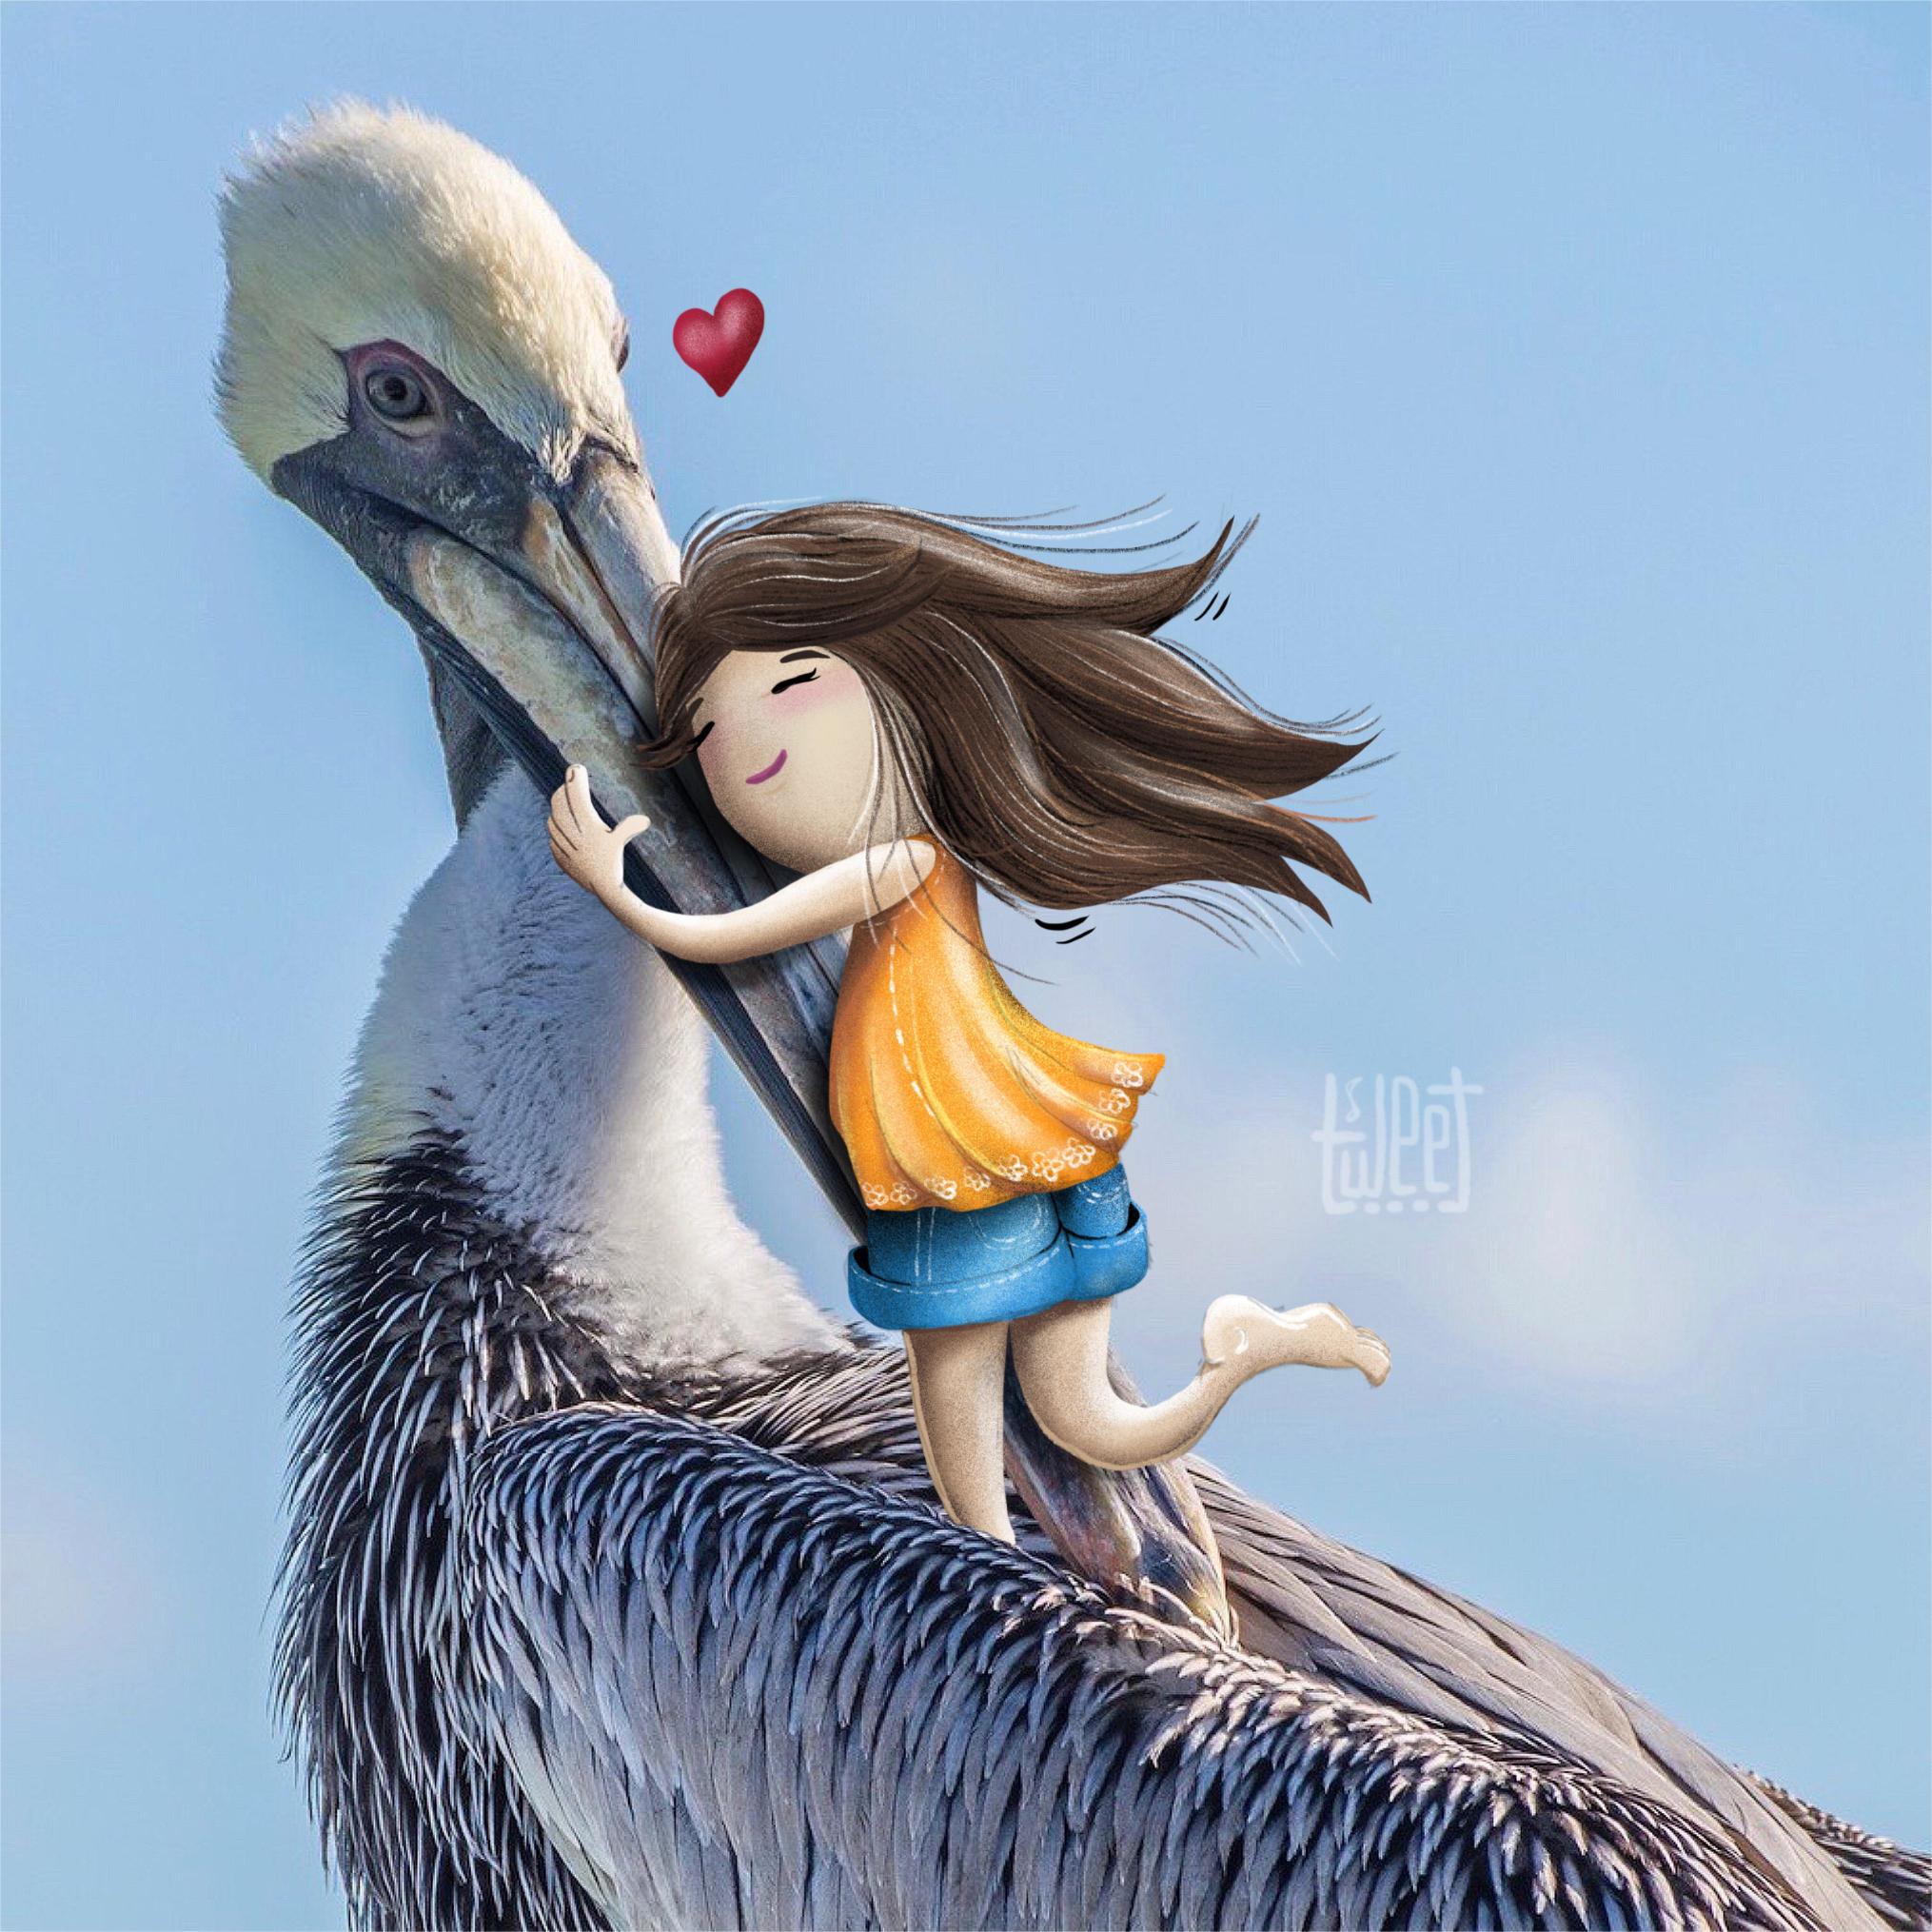 Photo Bombing - I Love Pelicans